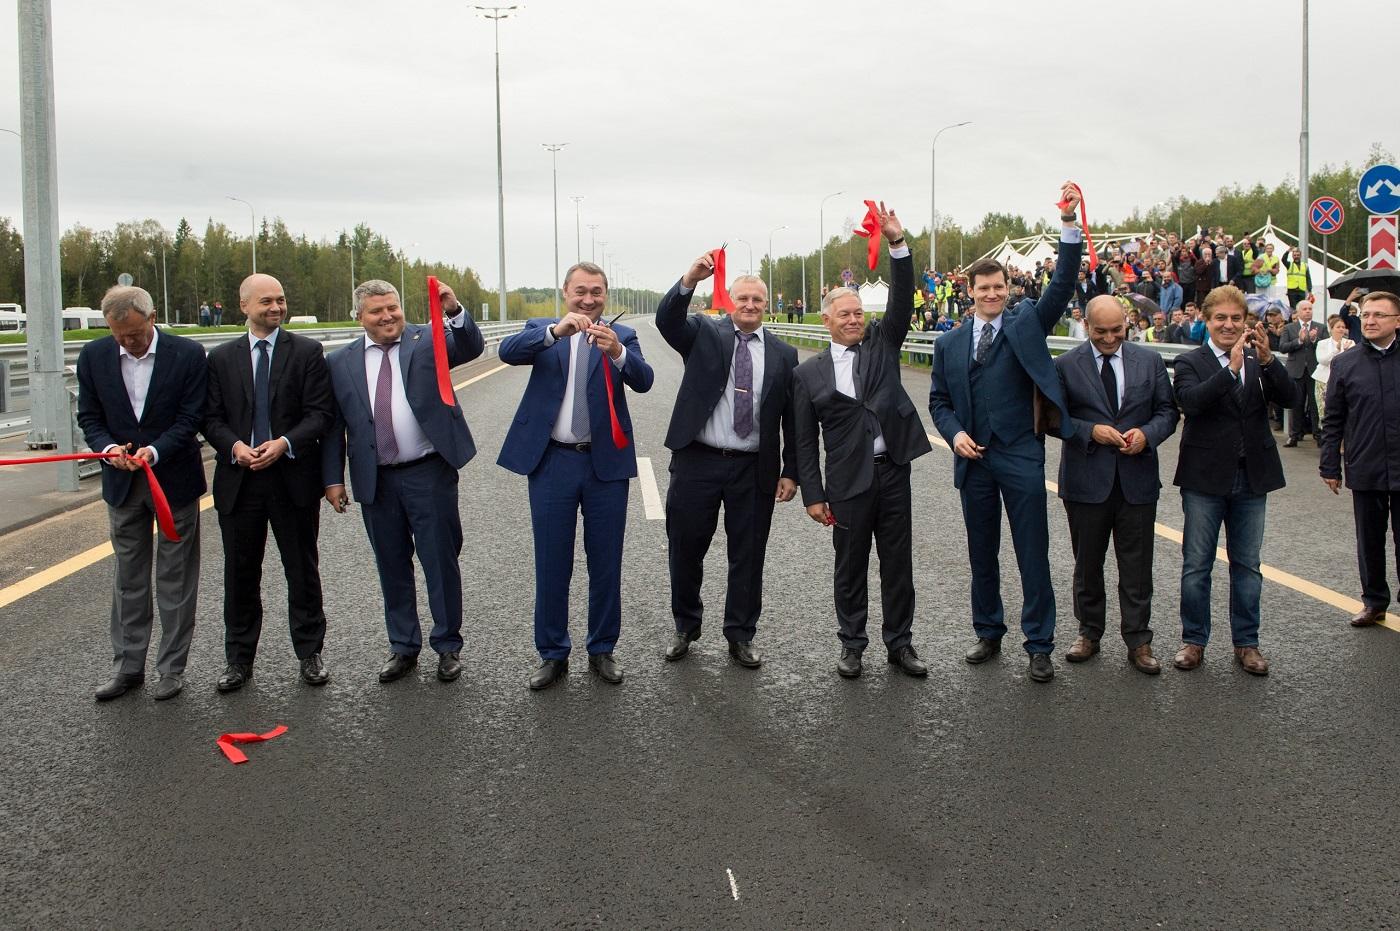 Седьмой участок трассы М-11 «Москва-Санкт-Петербург» наконец-то открылся!